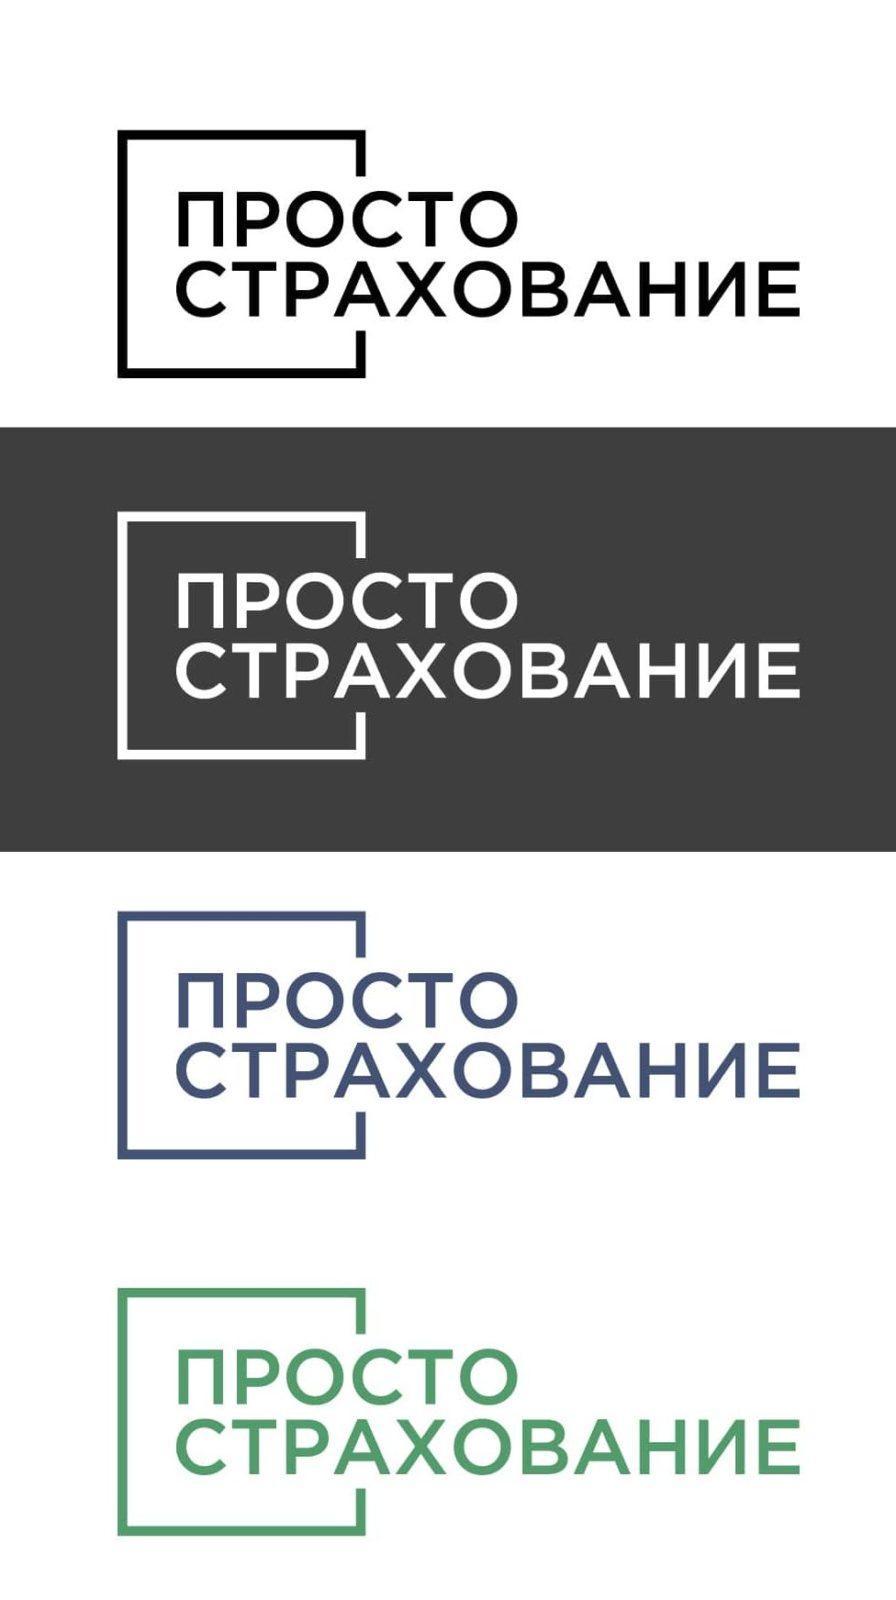 разработка уникального знака